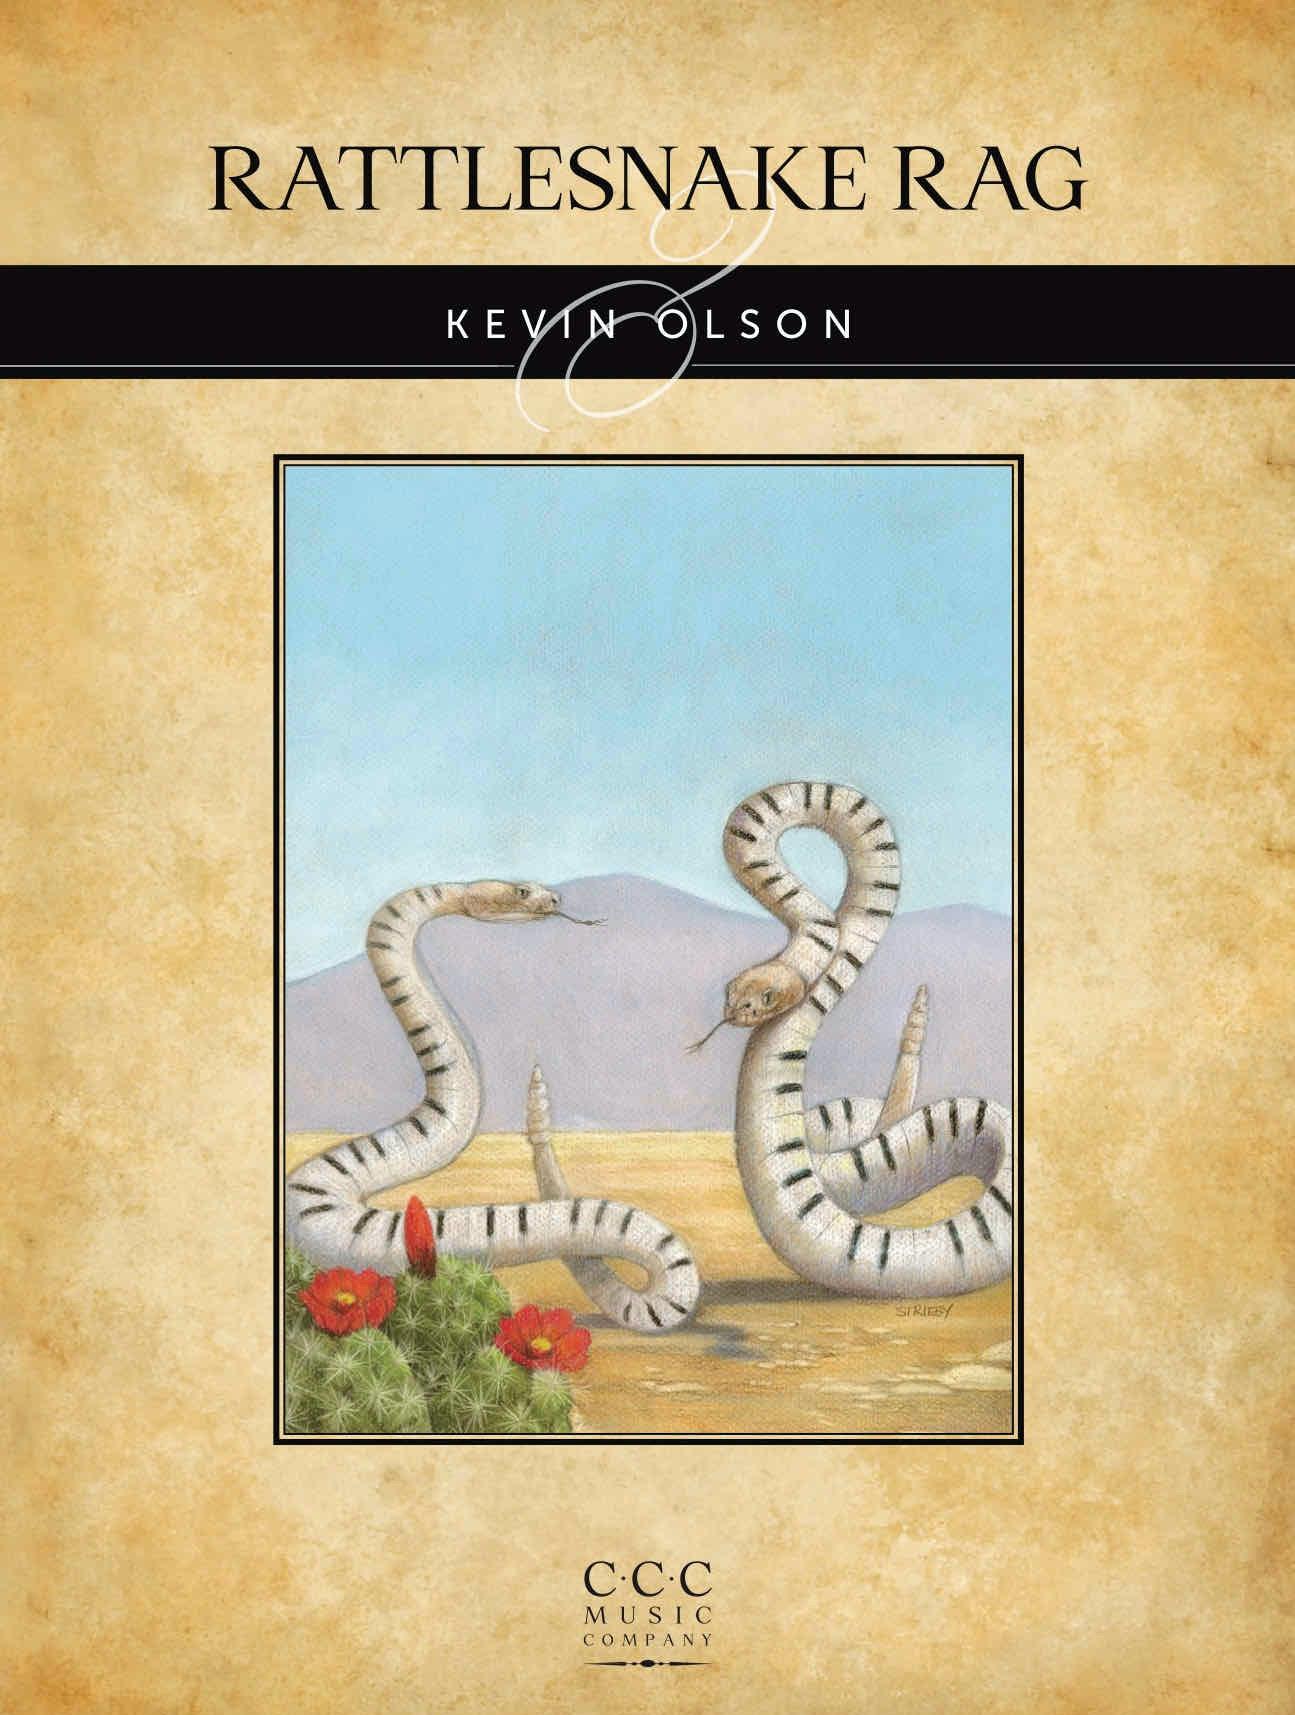 Rattlesnake Rag cover